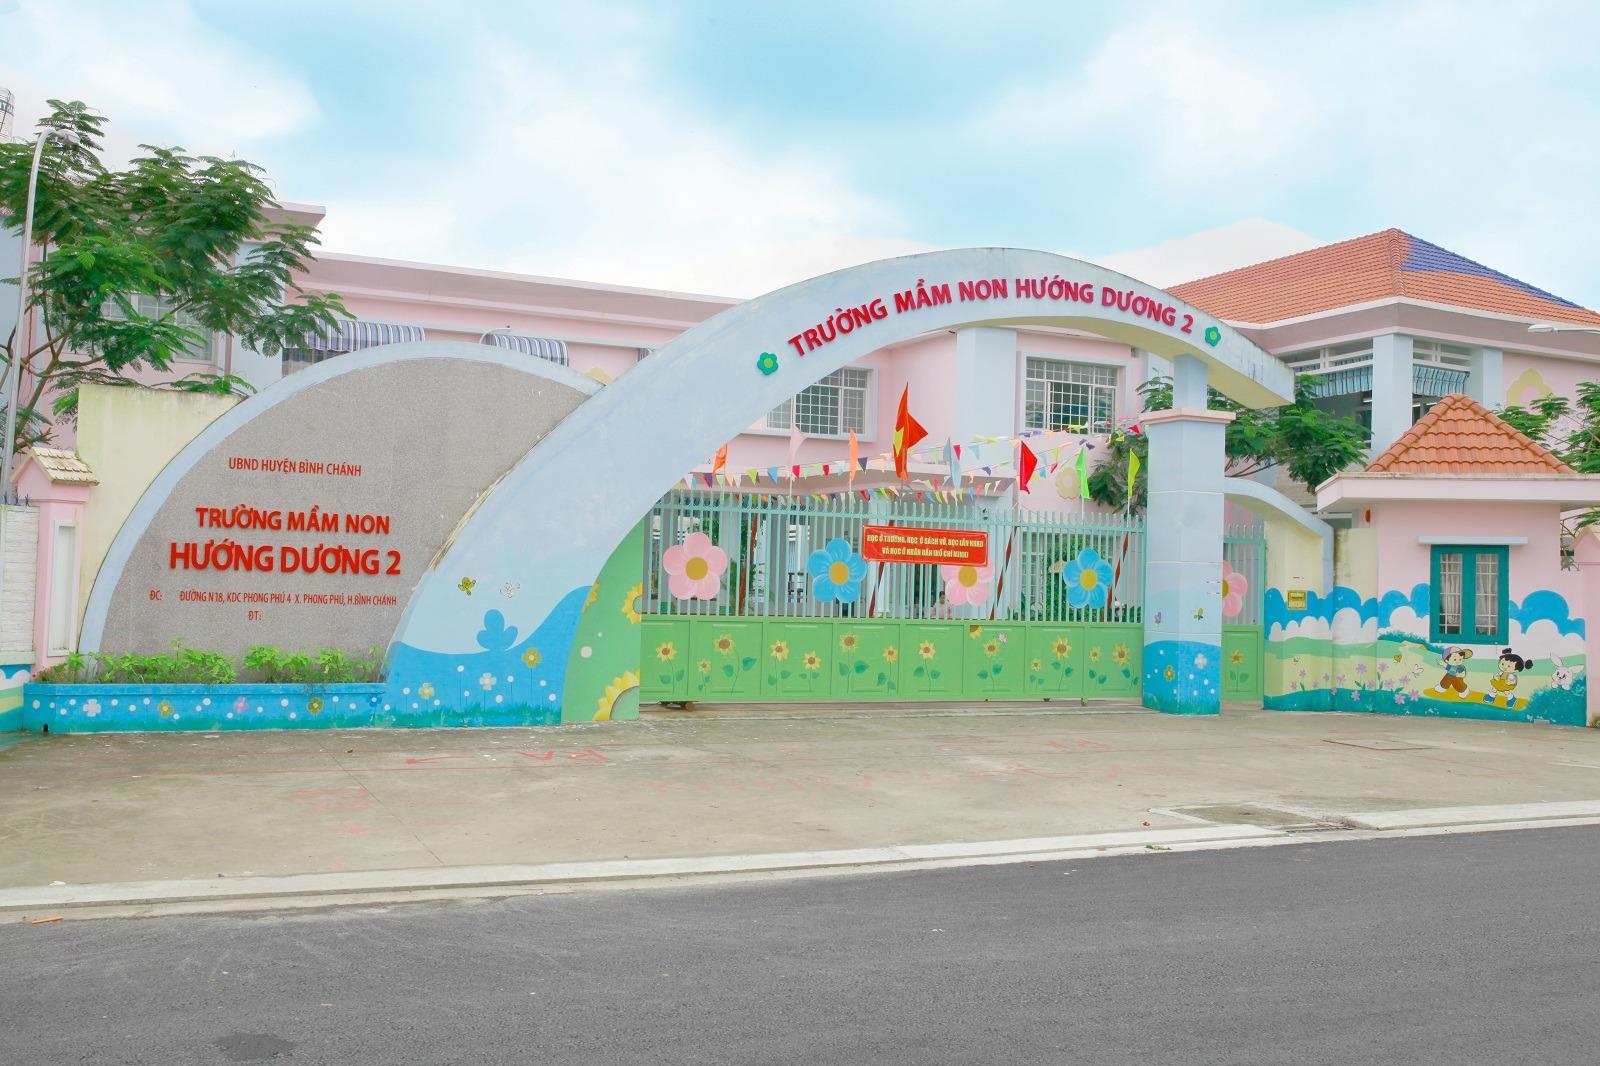 Tiện ích Khu Dân Cư Phong Phú 4 Lovera Vista 1